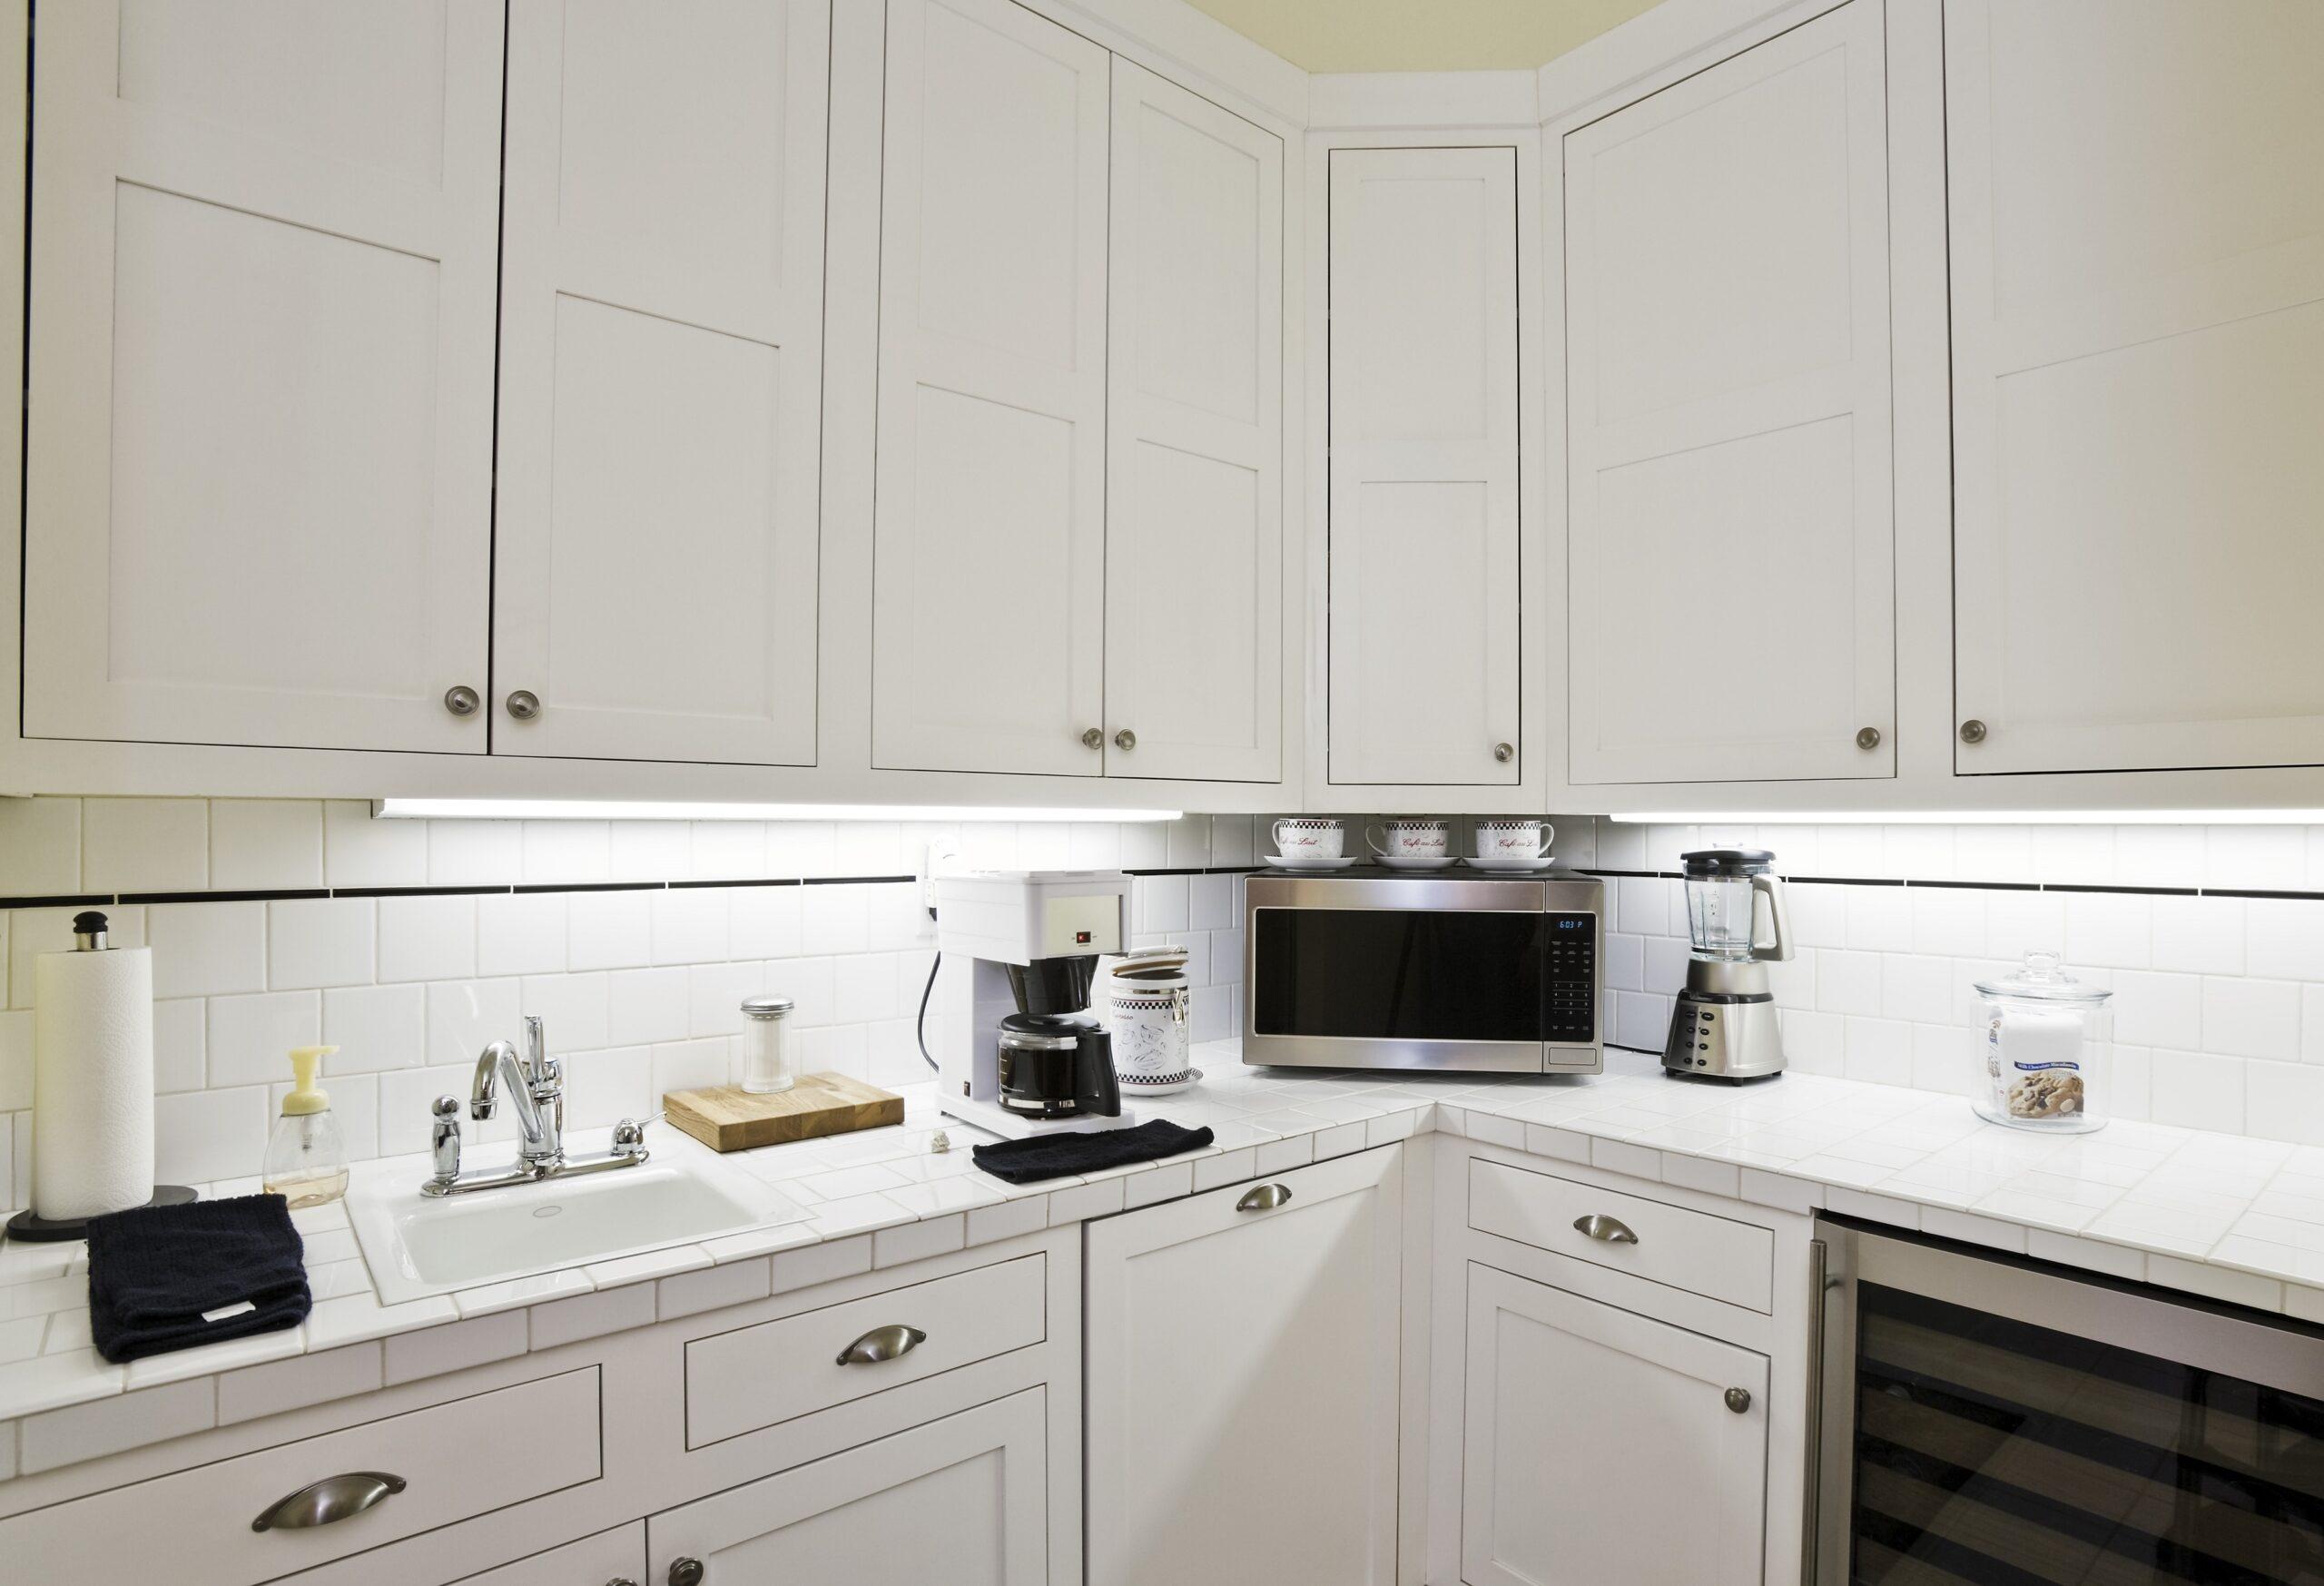 kuchenka mikrofalowa w kuchni